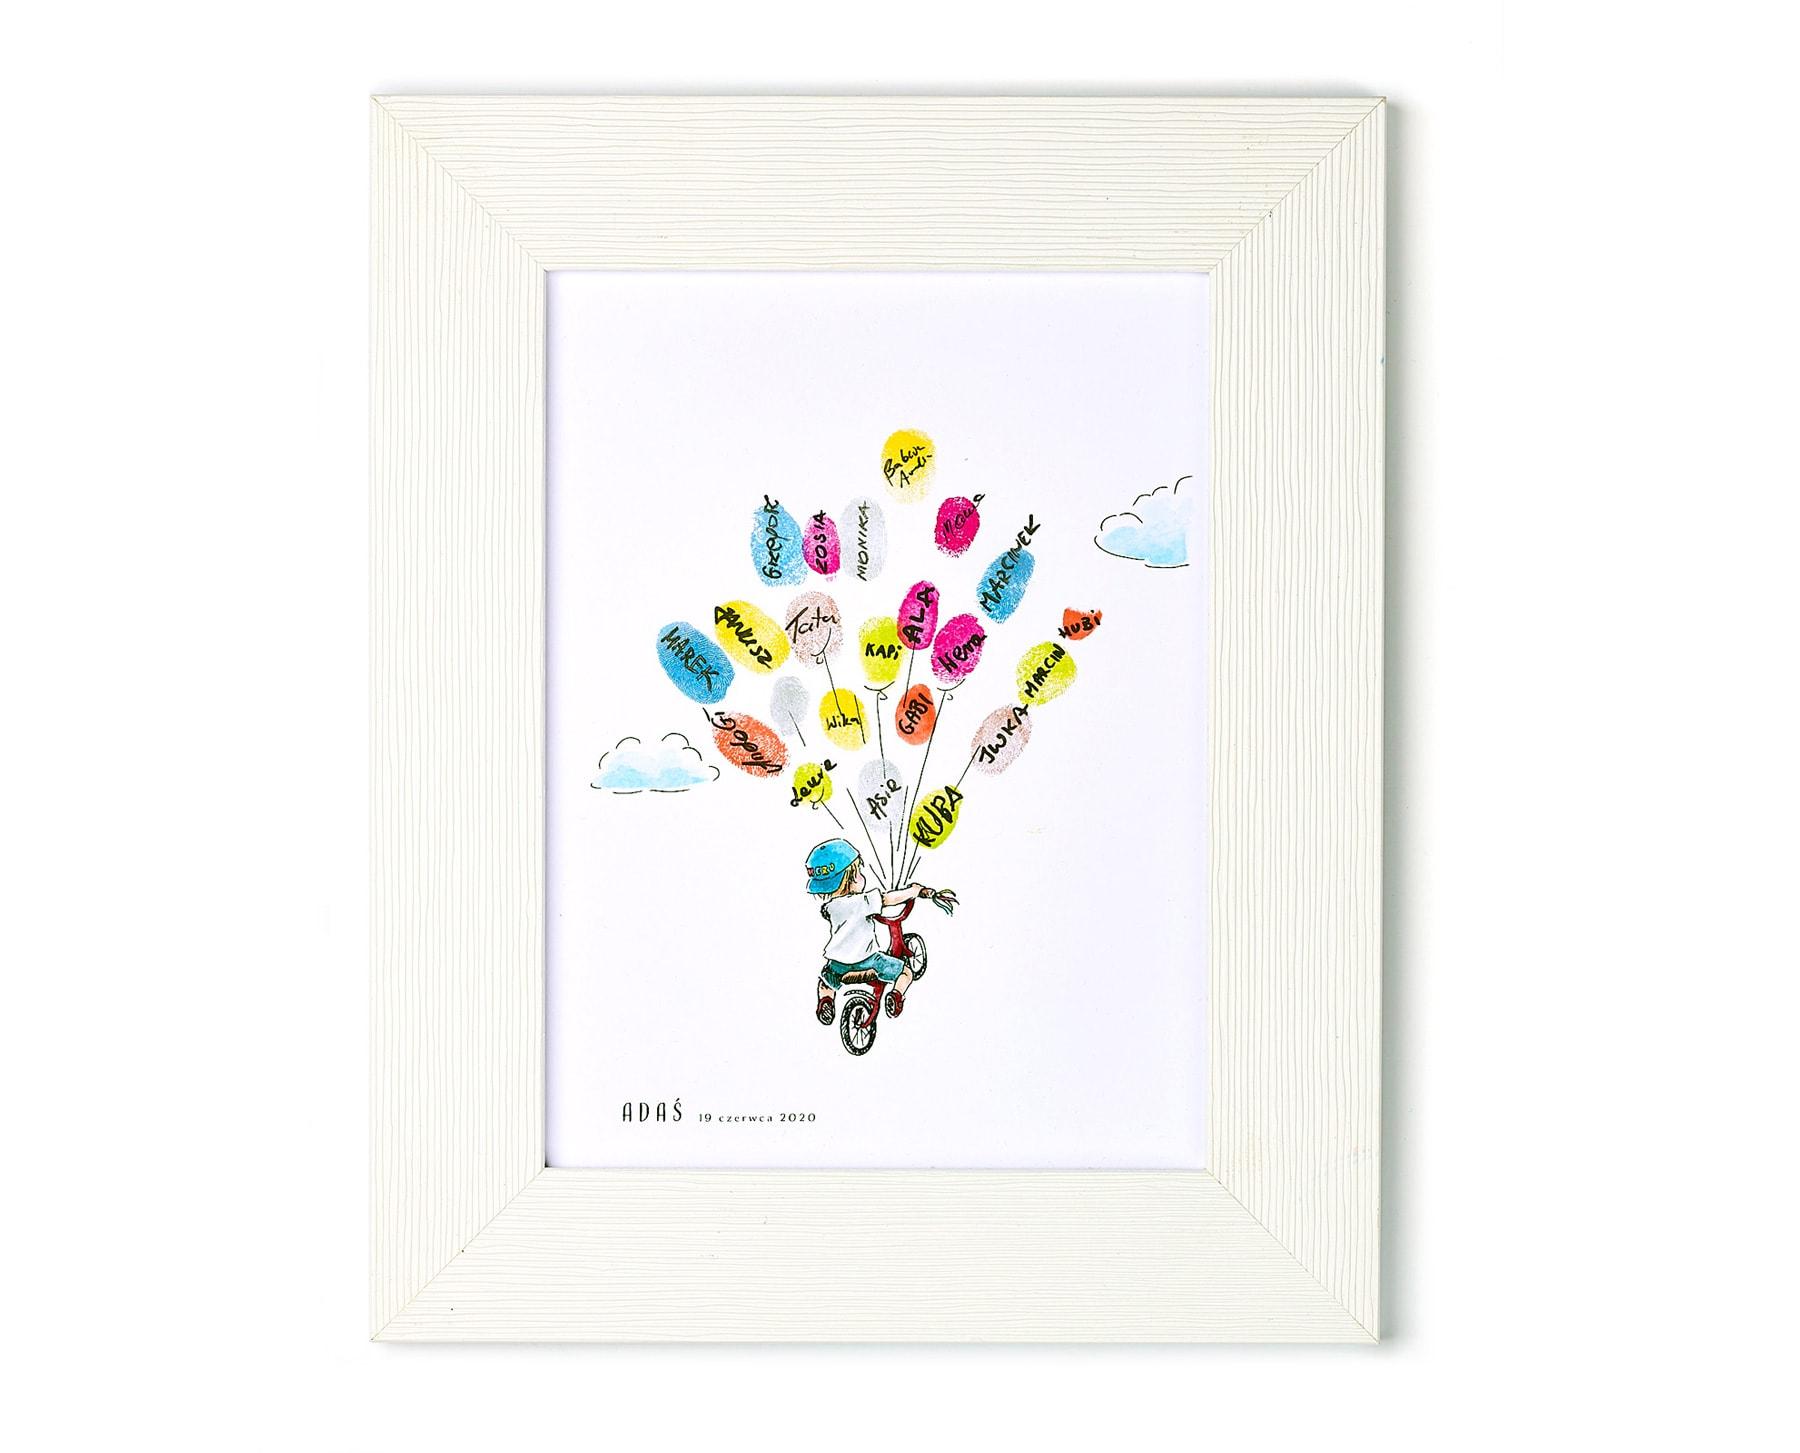 Pamiątka z urodzin dziecka, obrazek chłopca na rowerku z balonami z odcisków